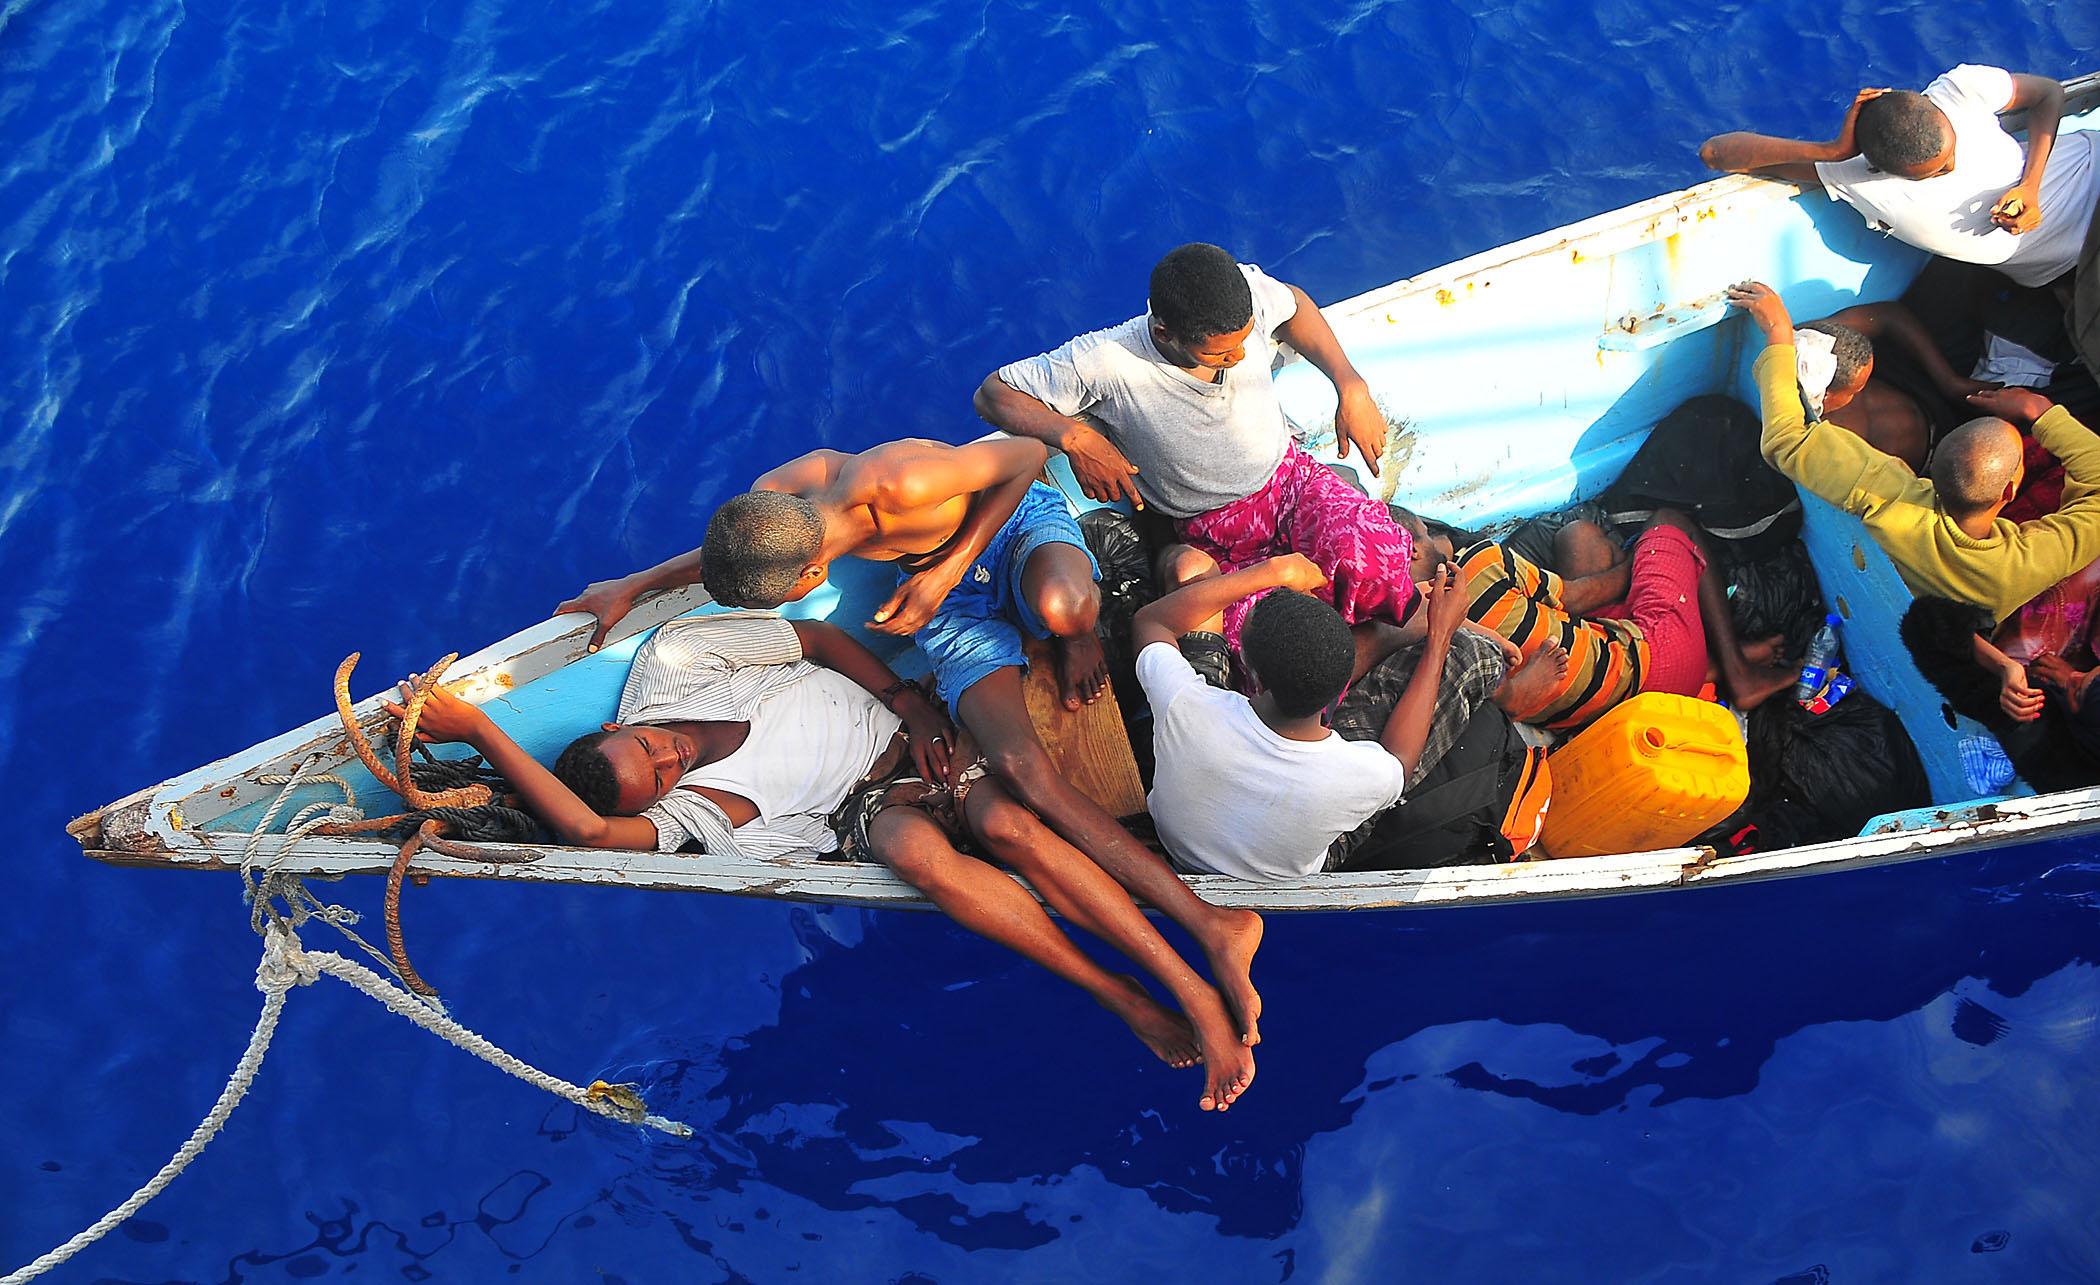 Accordo con la Libia | Migranti somali nel golfo di Aden